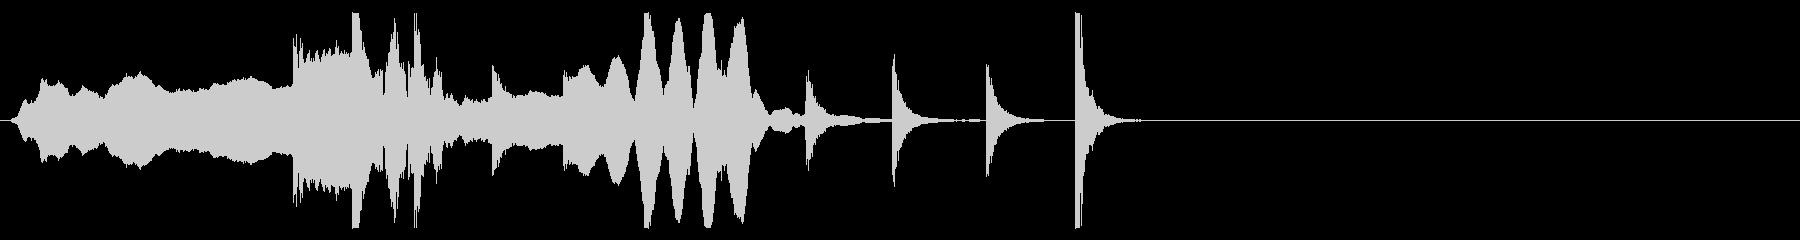 歌舞伎・能◆尺八 小鼓 大拍子 桶胴 の未再生の波形